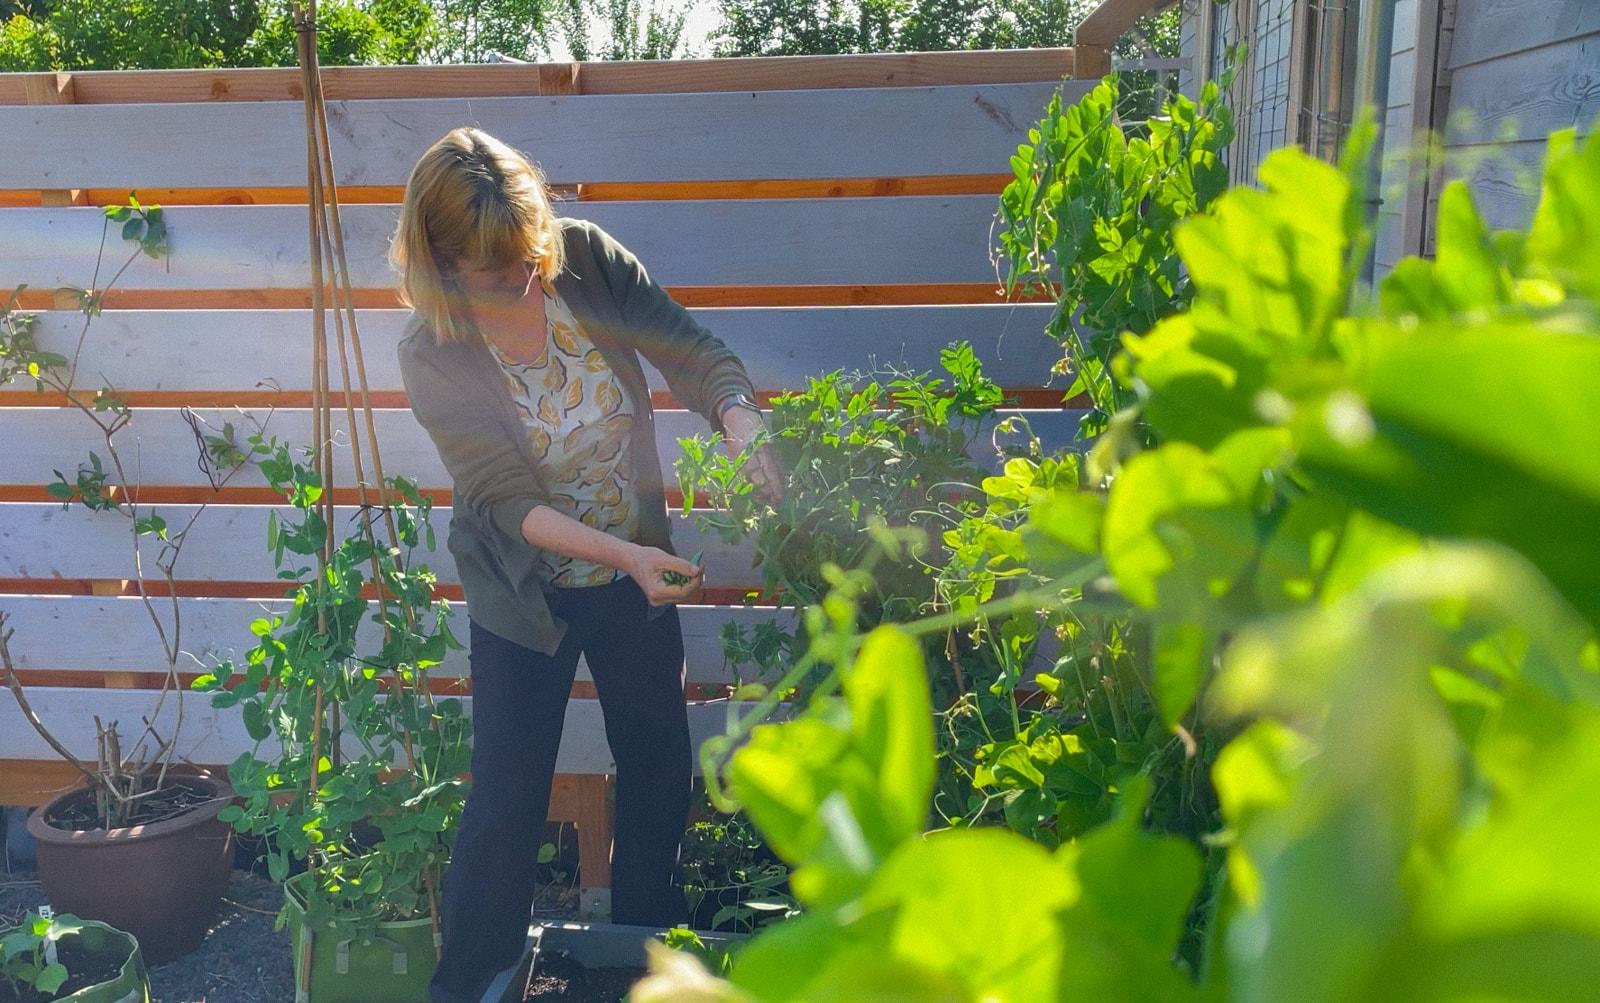 July-in-the-Planty-Garden5.jpg